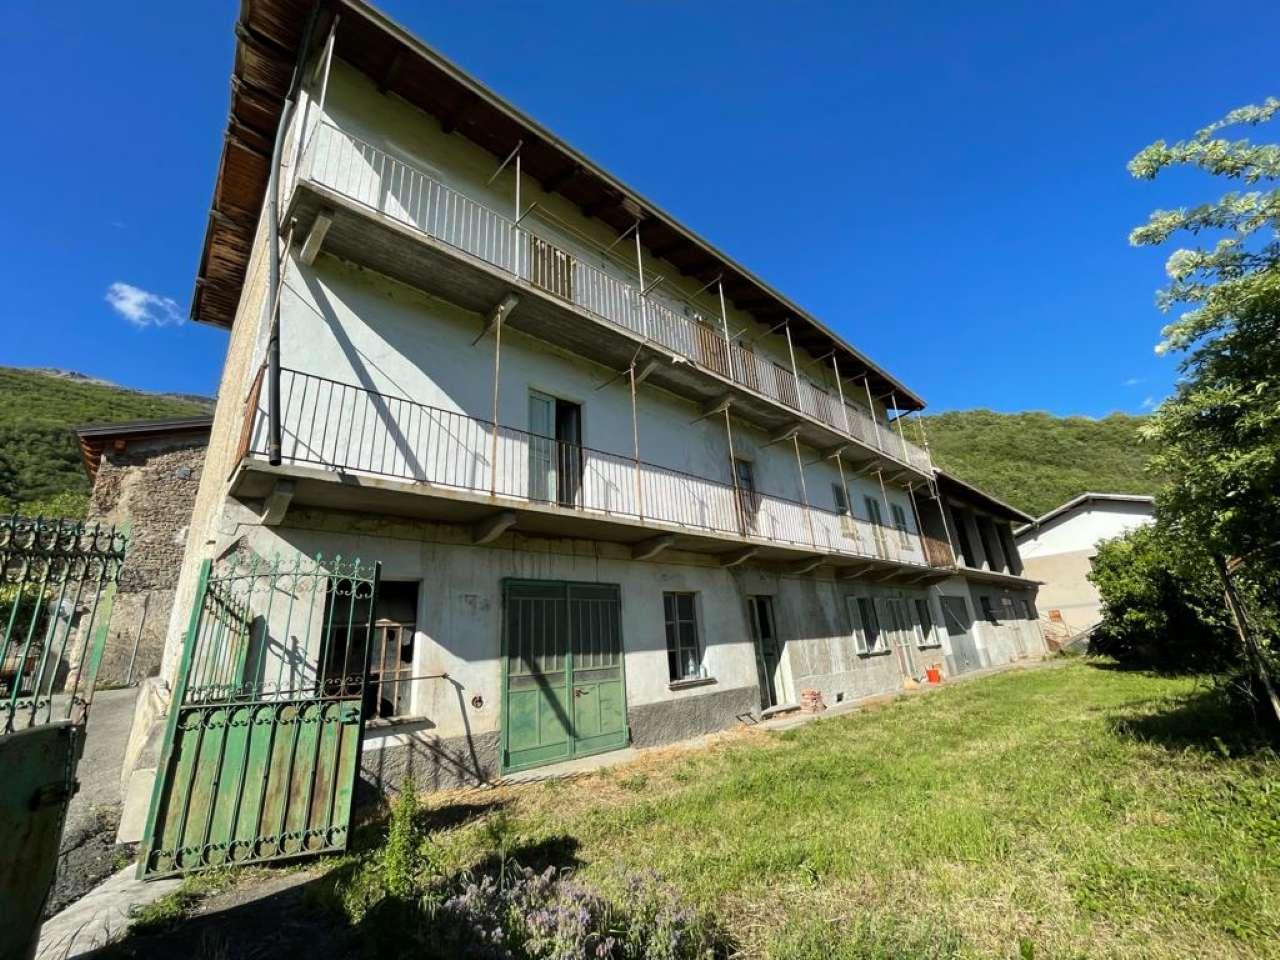 Rustico / Casale in vendita a San Didero, 6 locali, prezzo € 79.000 | PortaleAgenzieImmobiliari.it